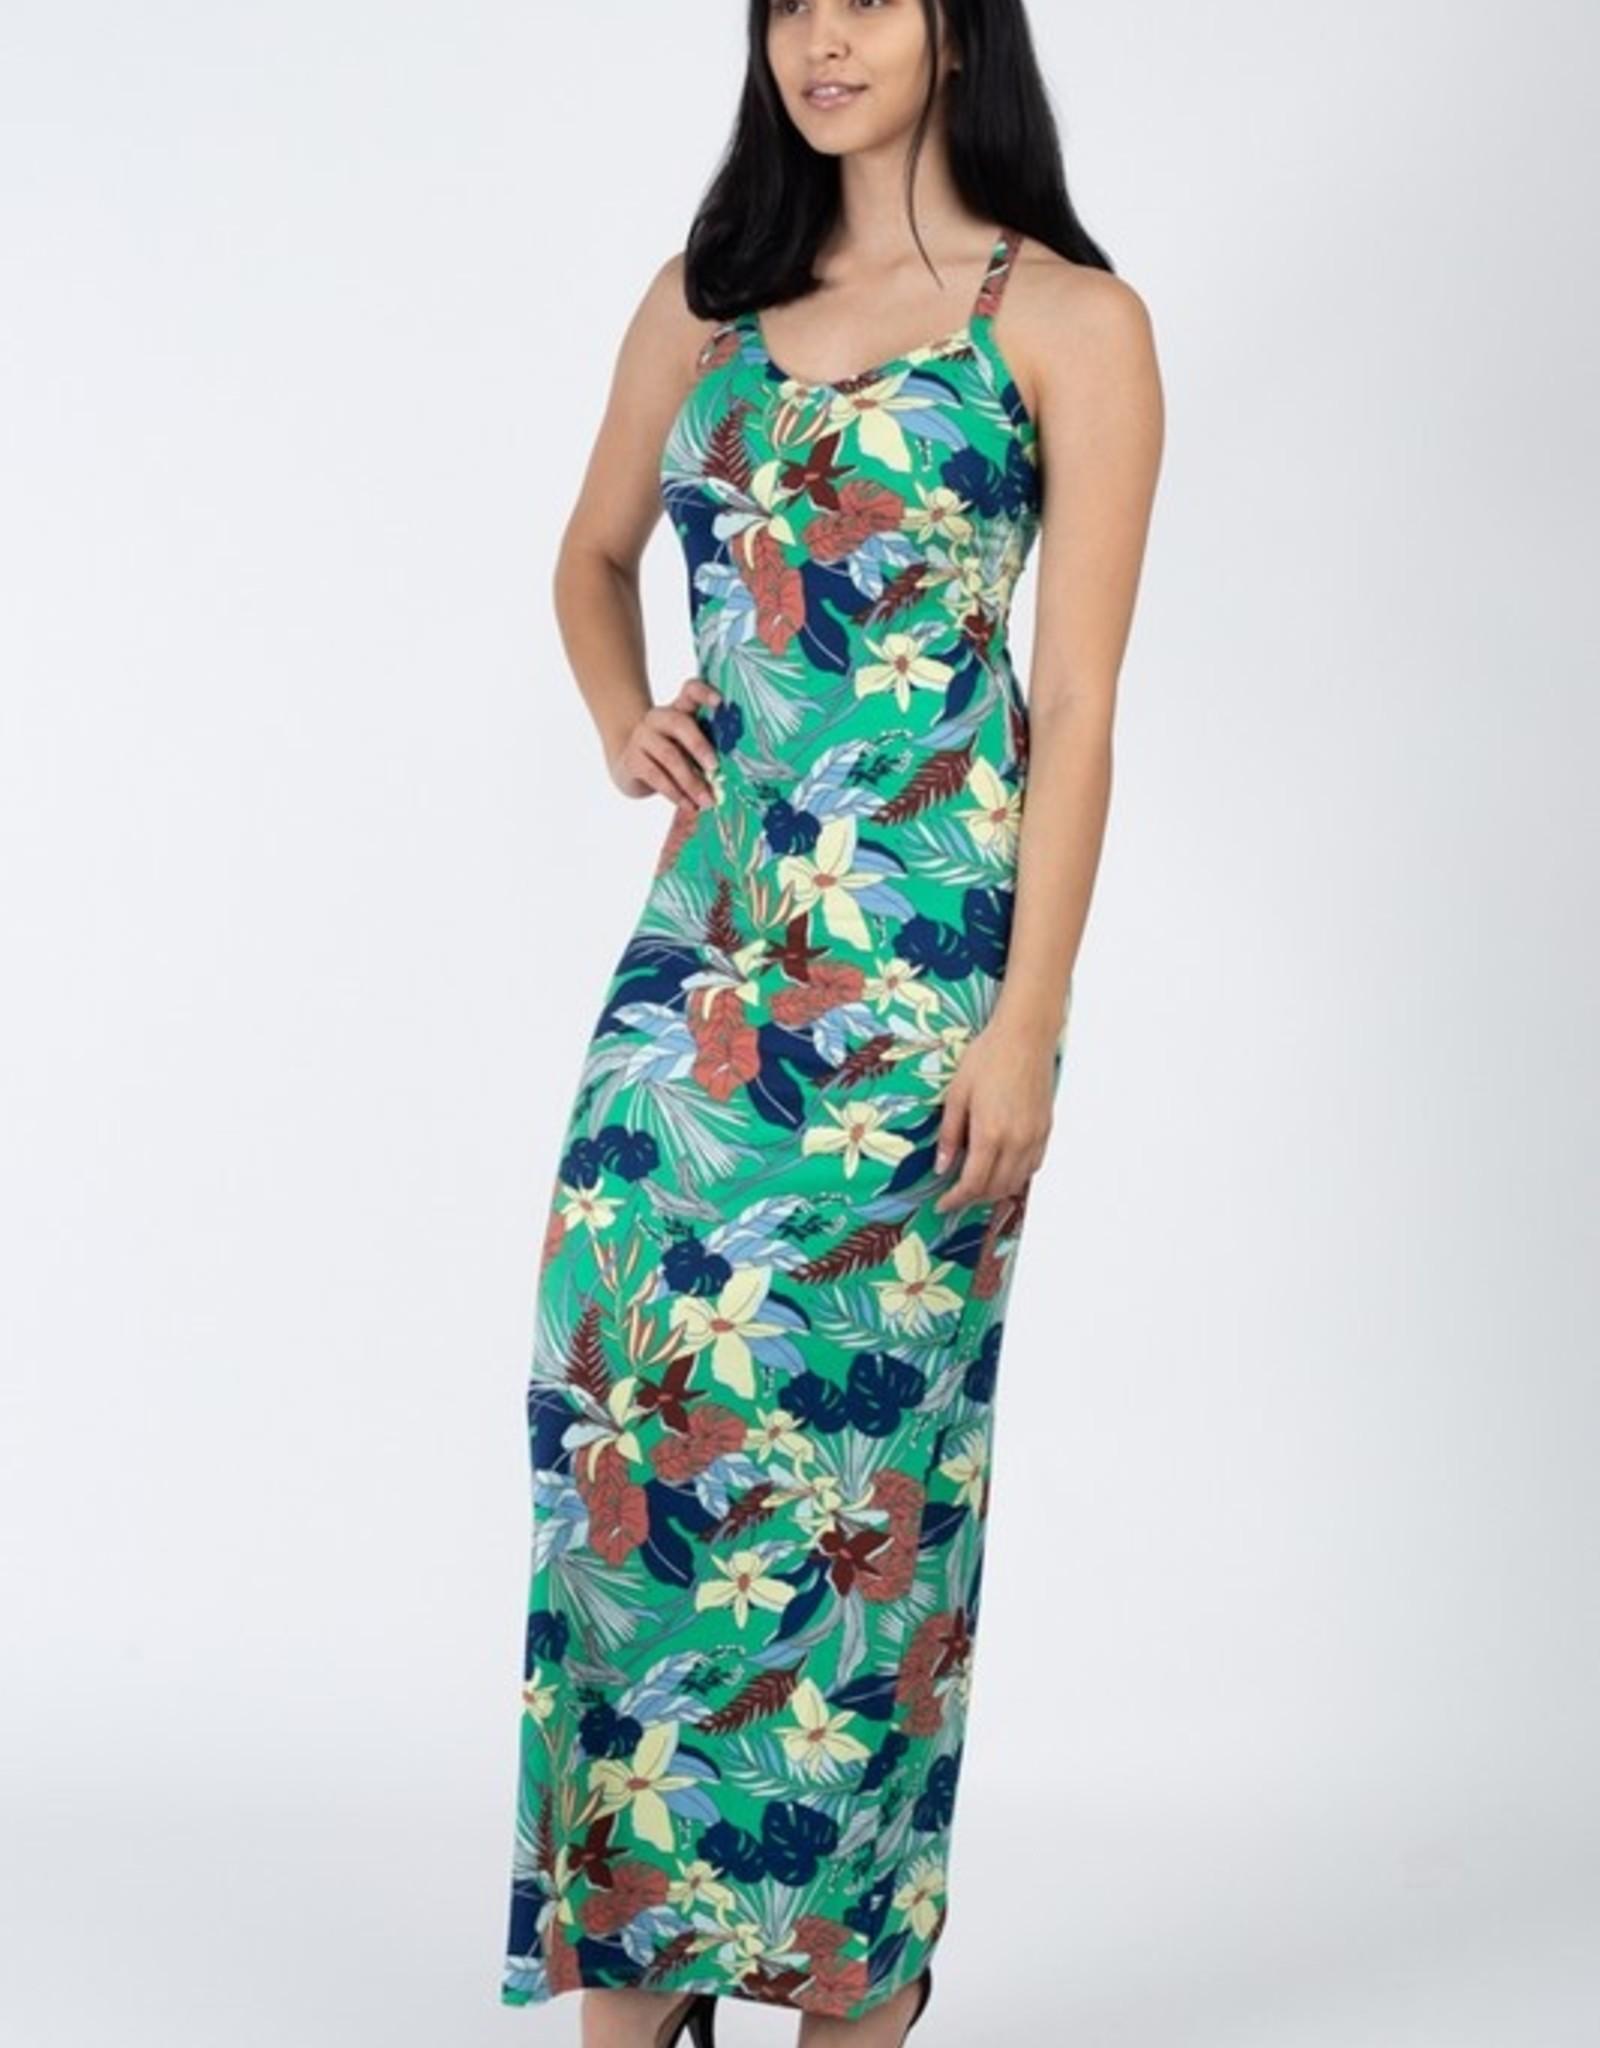 Floral print maxi